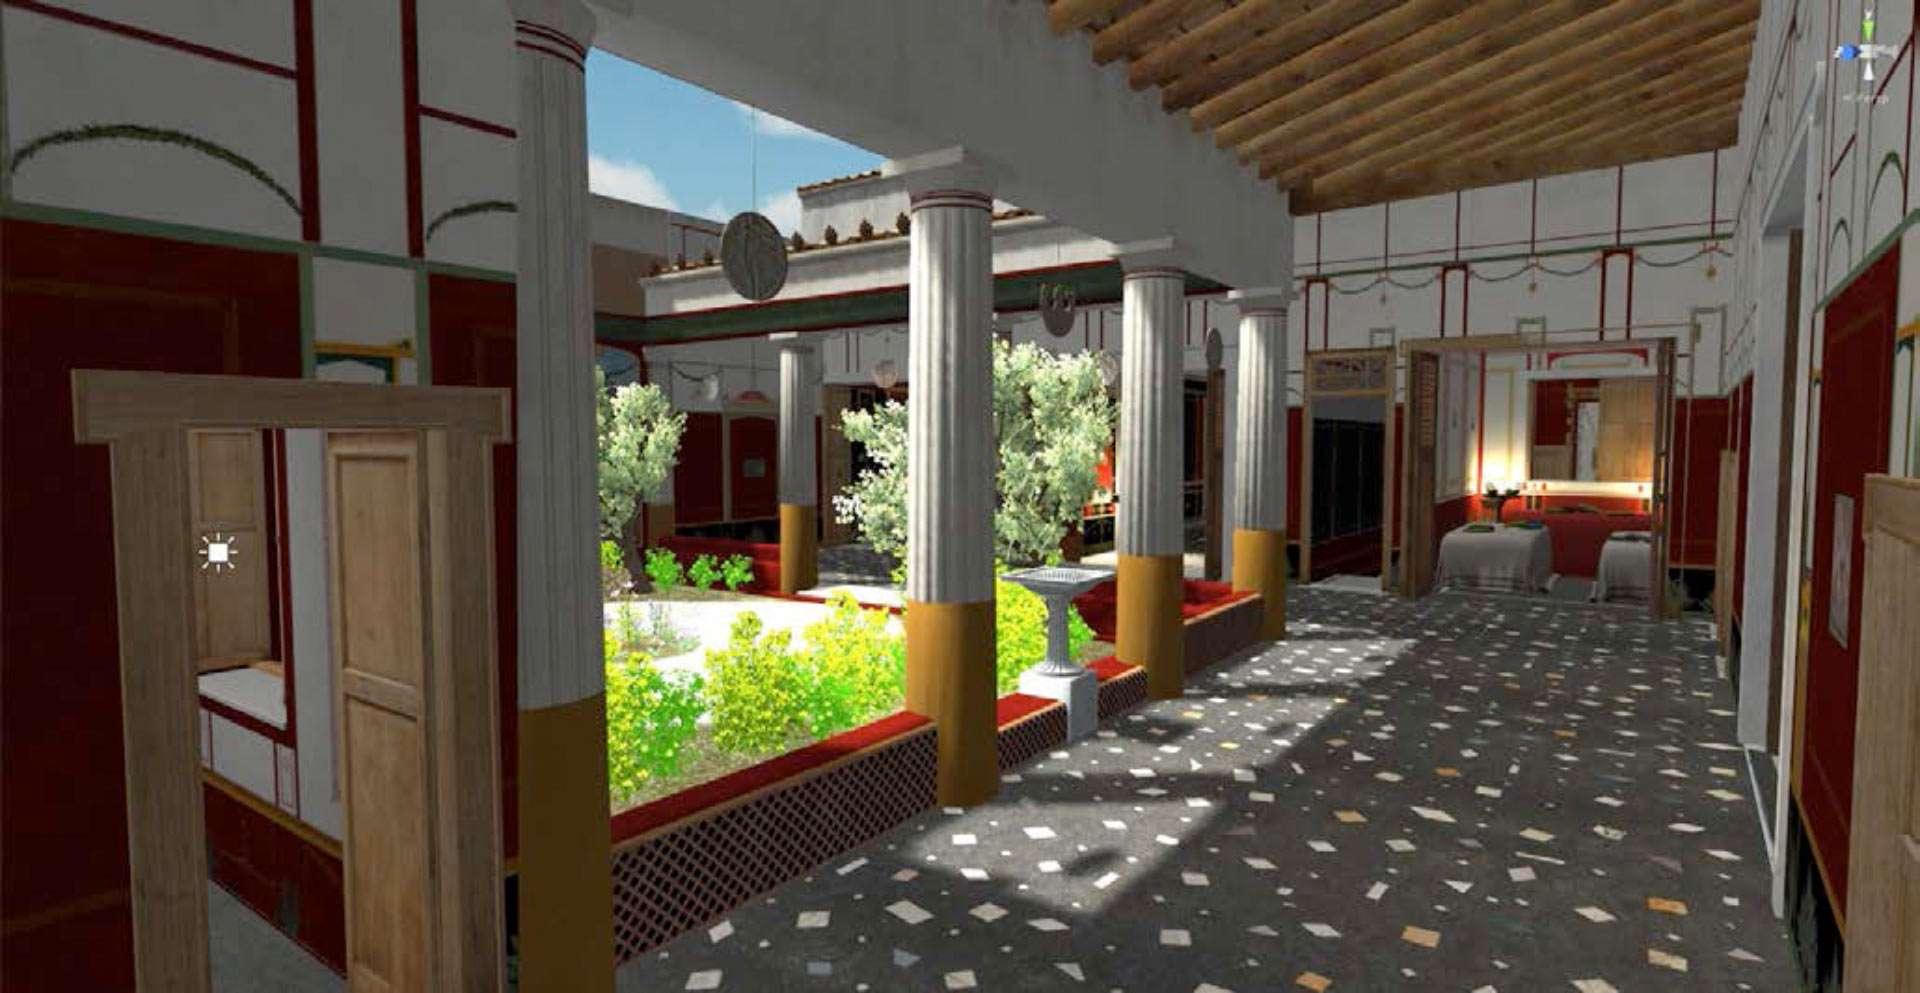 Ψηφιακή αναπαράσταση βίλας της Πομπηίας